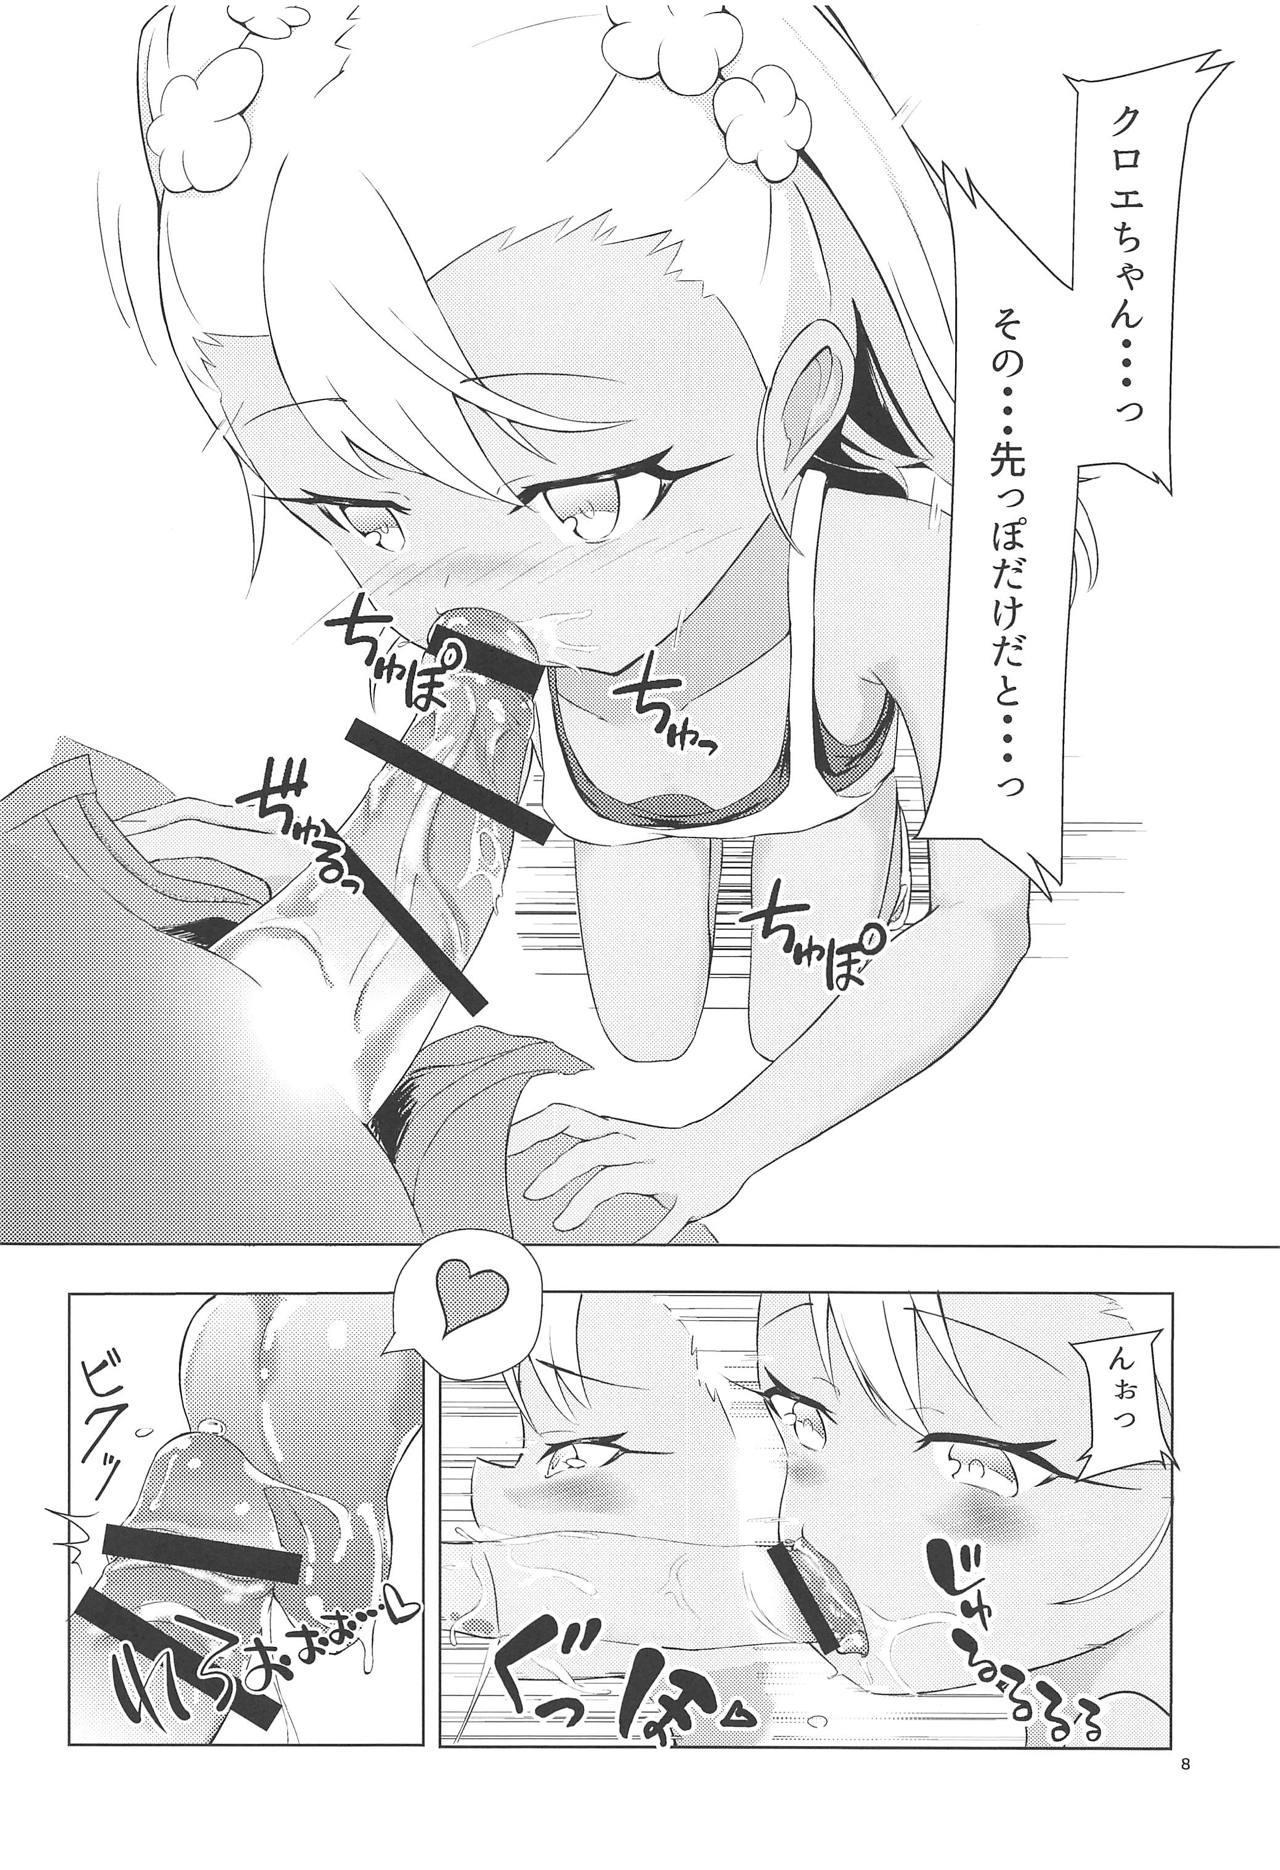 Chaldea de Orusuban Shiteiru Kuro ga Maryoku Kyoukyuu Suru Hon 6